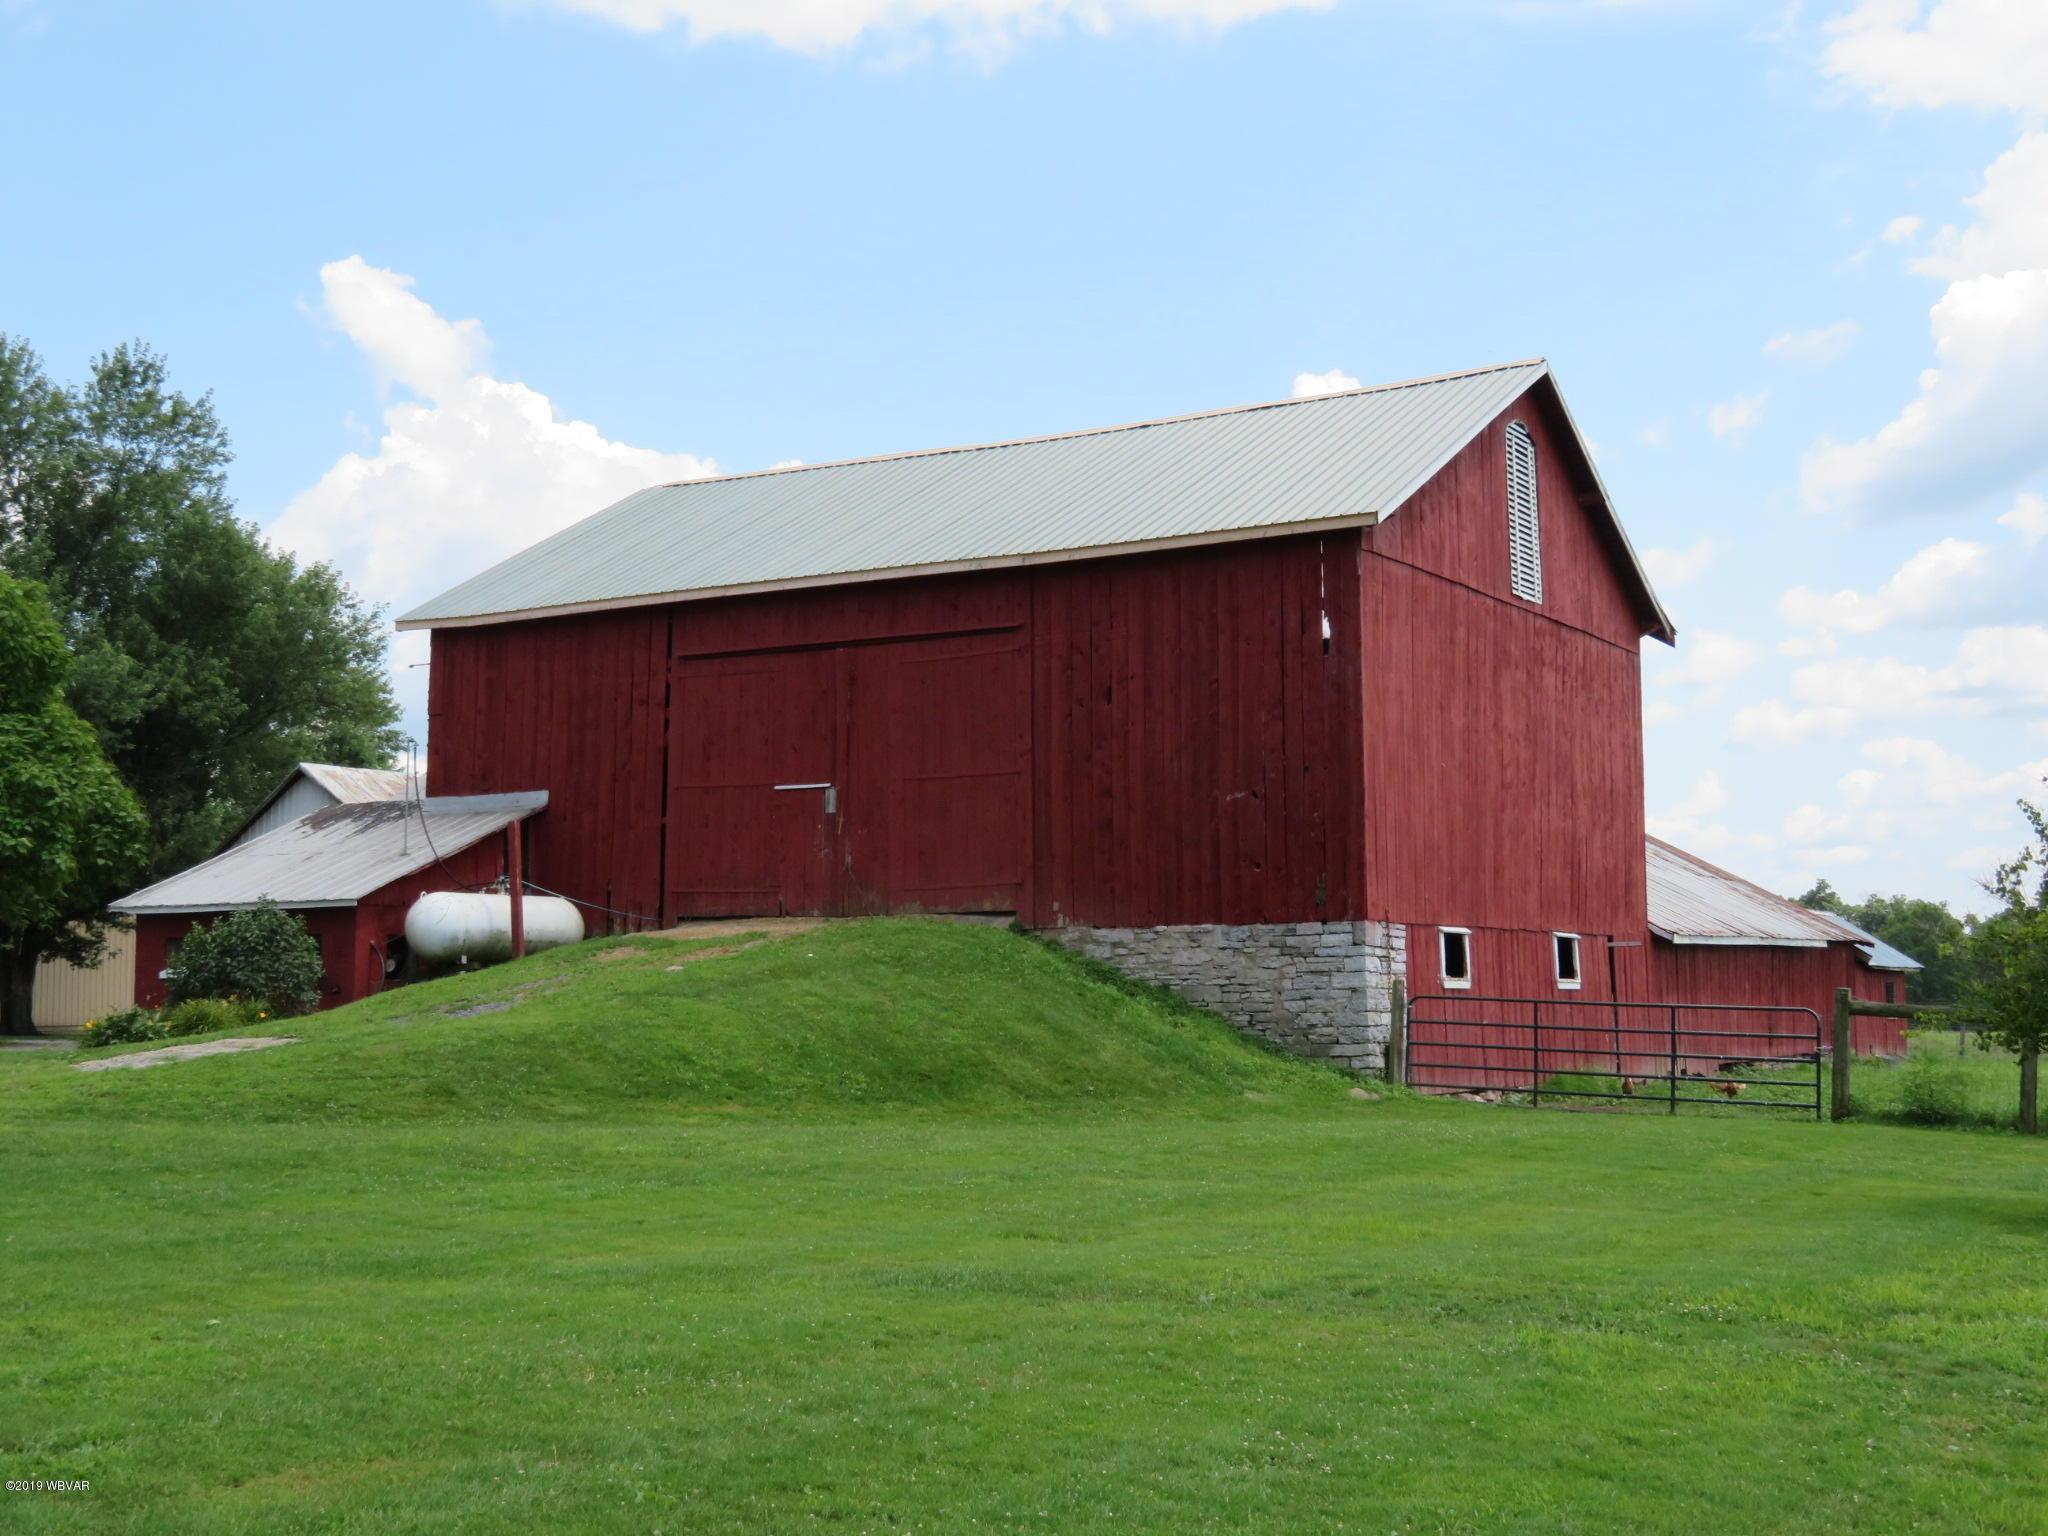 1380 WARRIOR RUN BOULEVARD,Turbotville,PA 17772,6 Bedrooms Bedrooms,2 BathroomsBathrooms,Farm,WARRIOR RUN,WB-88199